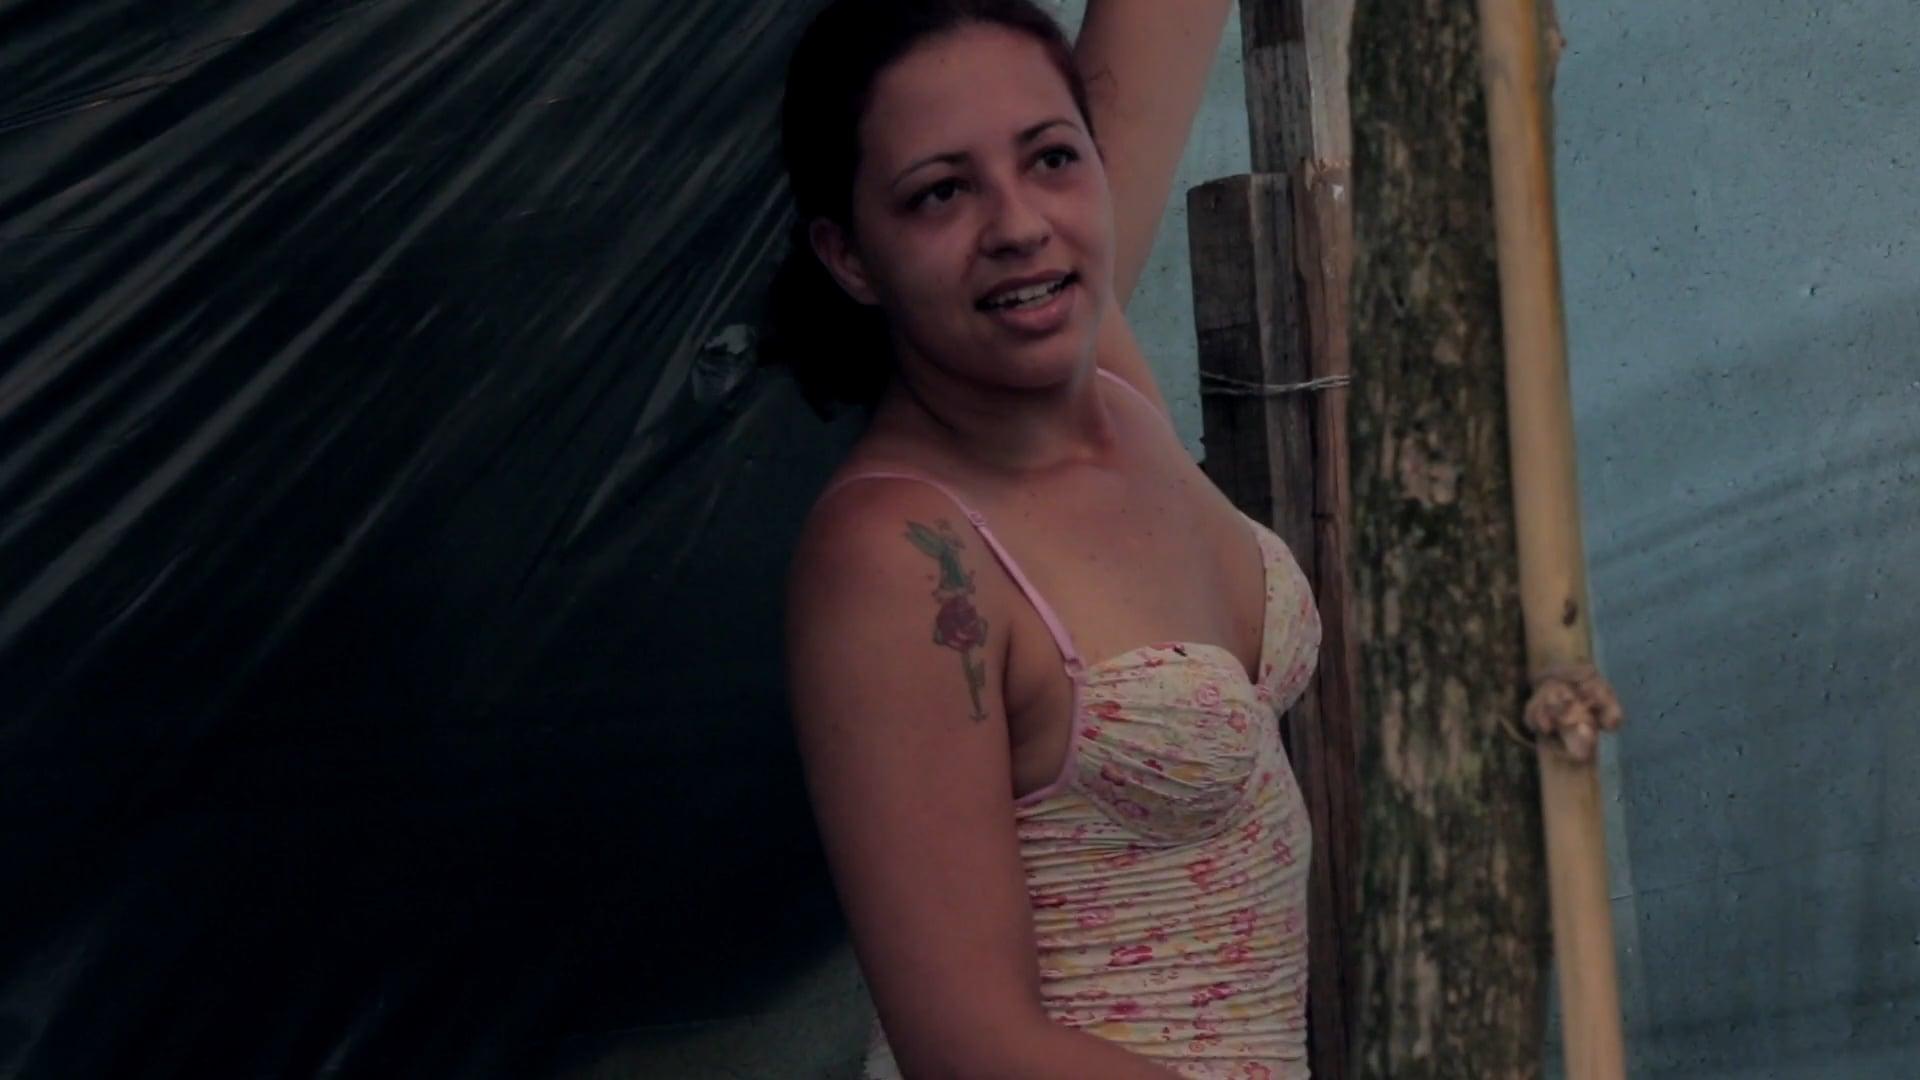 OCUPAÇÃO | #180DiasDePeitoAberto